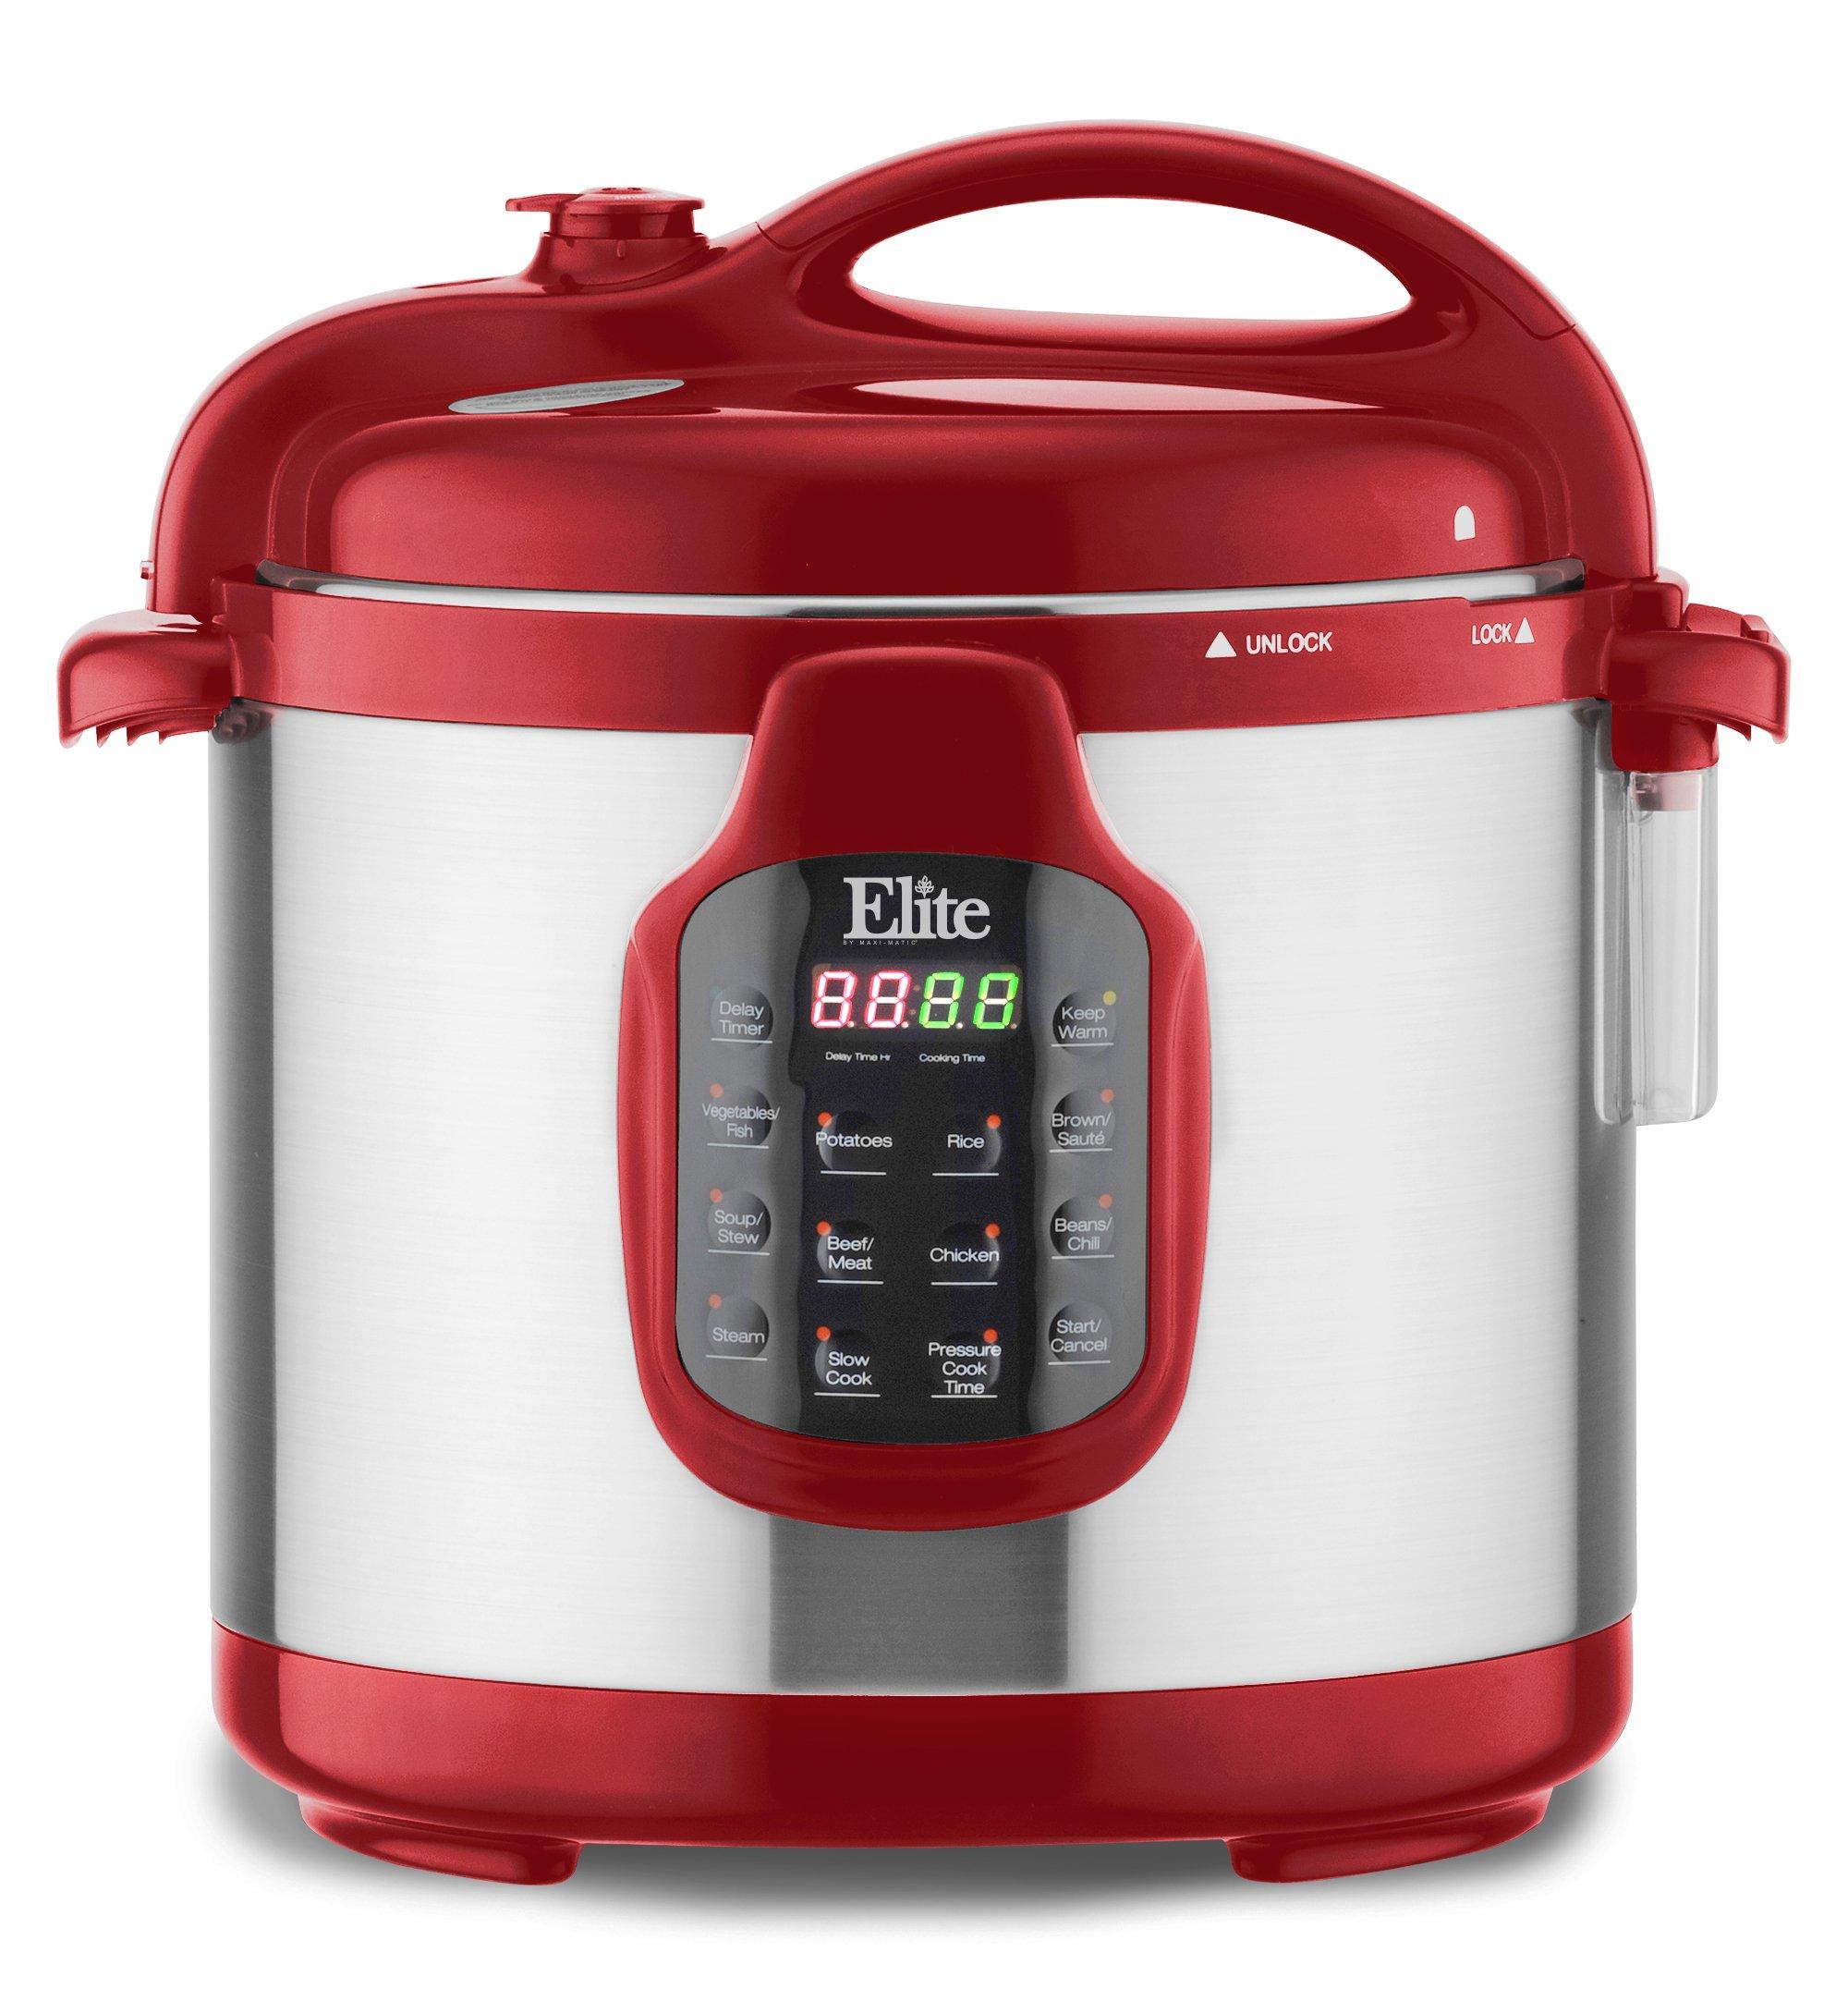 Elite Platinum EPC-678BR Elite Platinum 6Qt Round Digital Pressure Cooker with Glass Lid, Brick Red